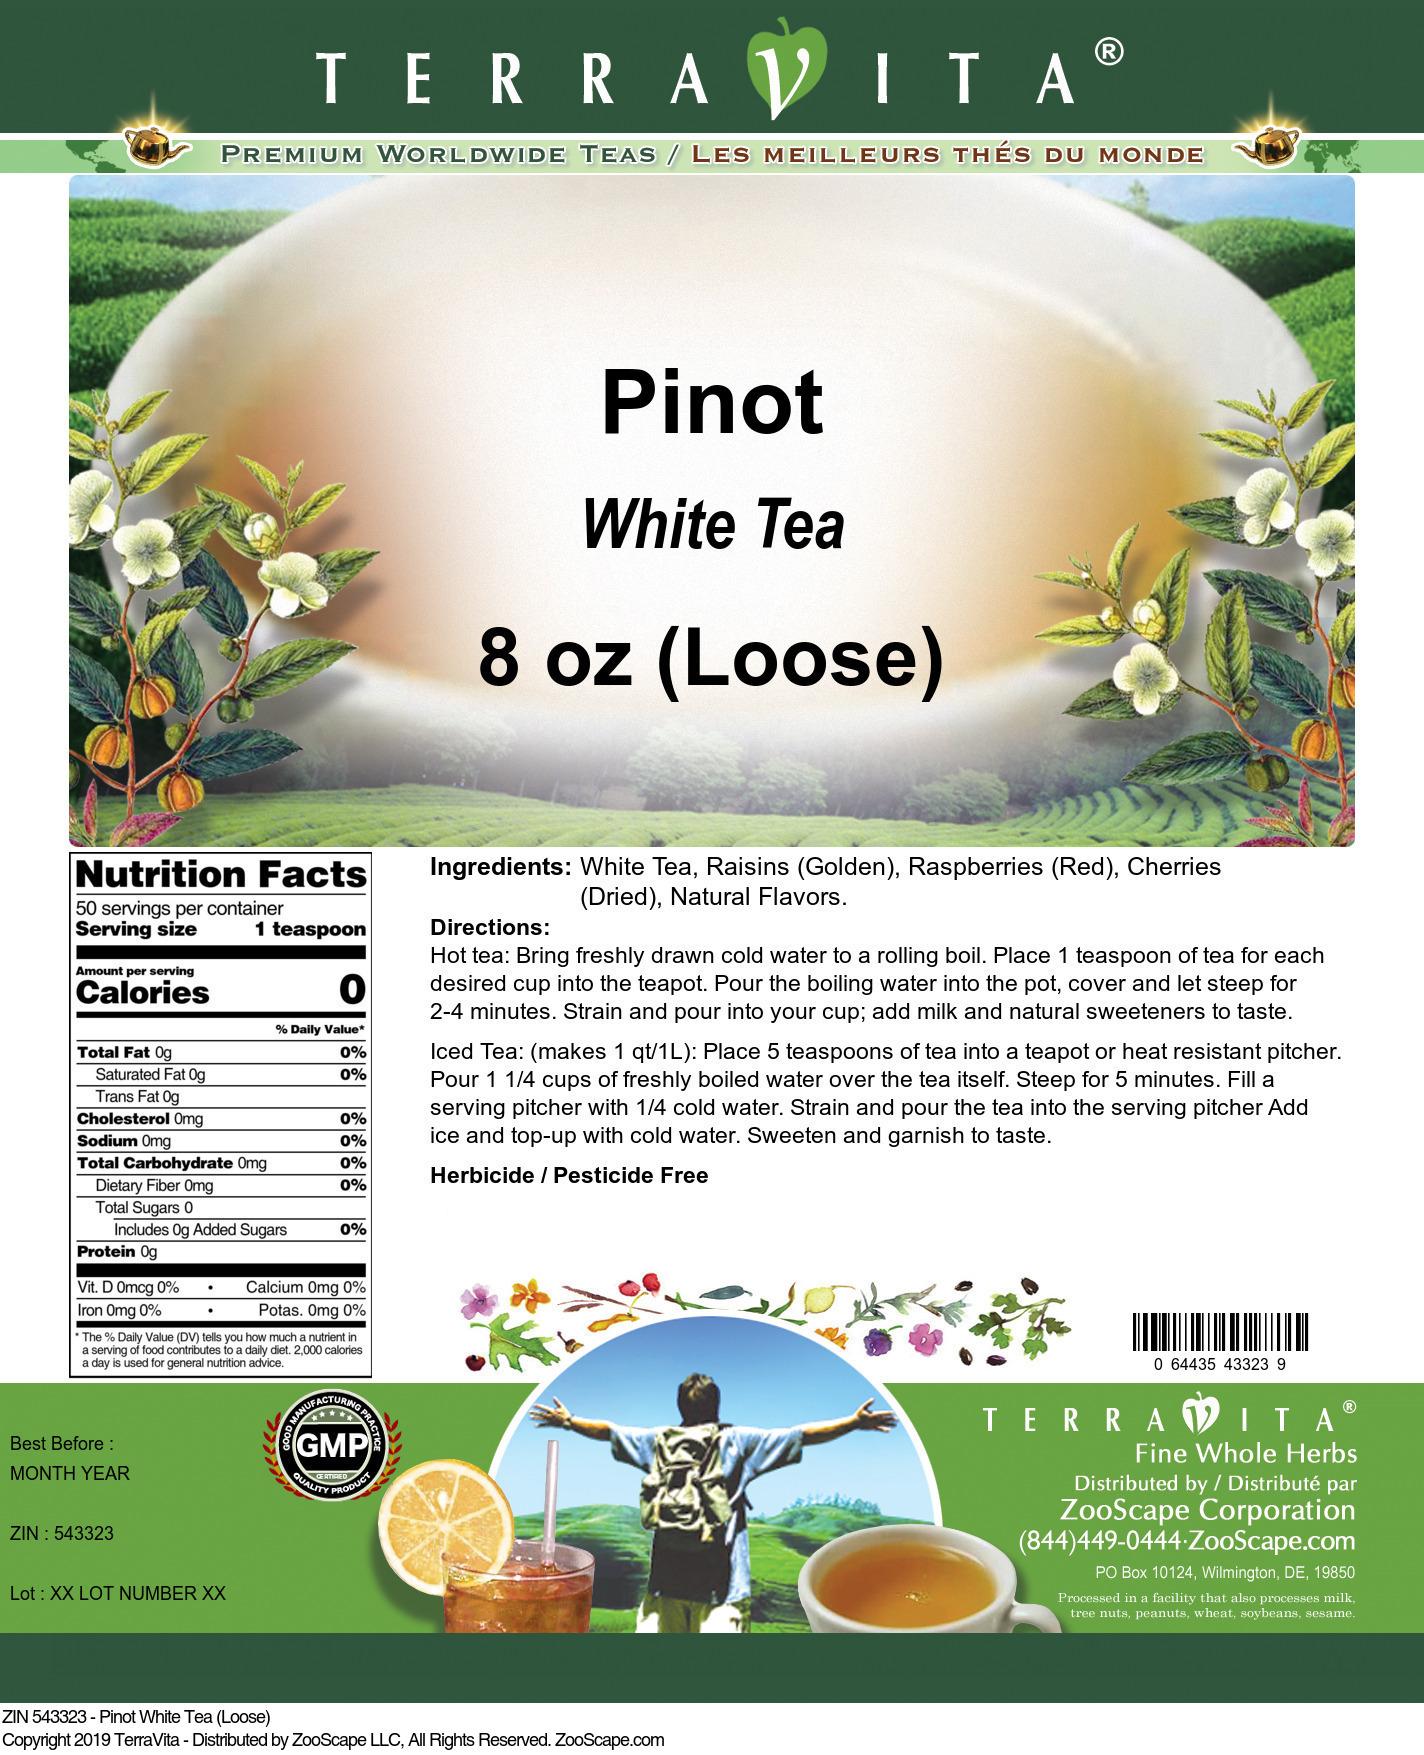 Pinot White Tea (Loose)